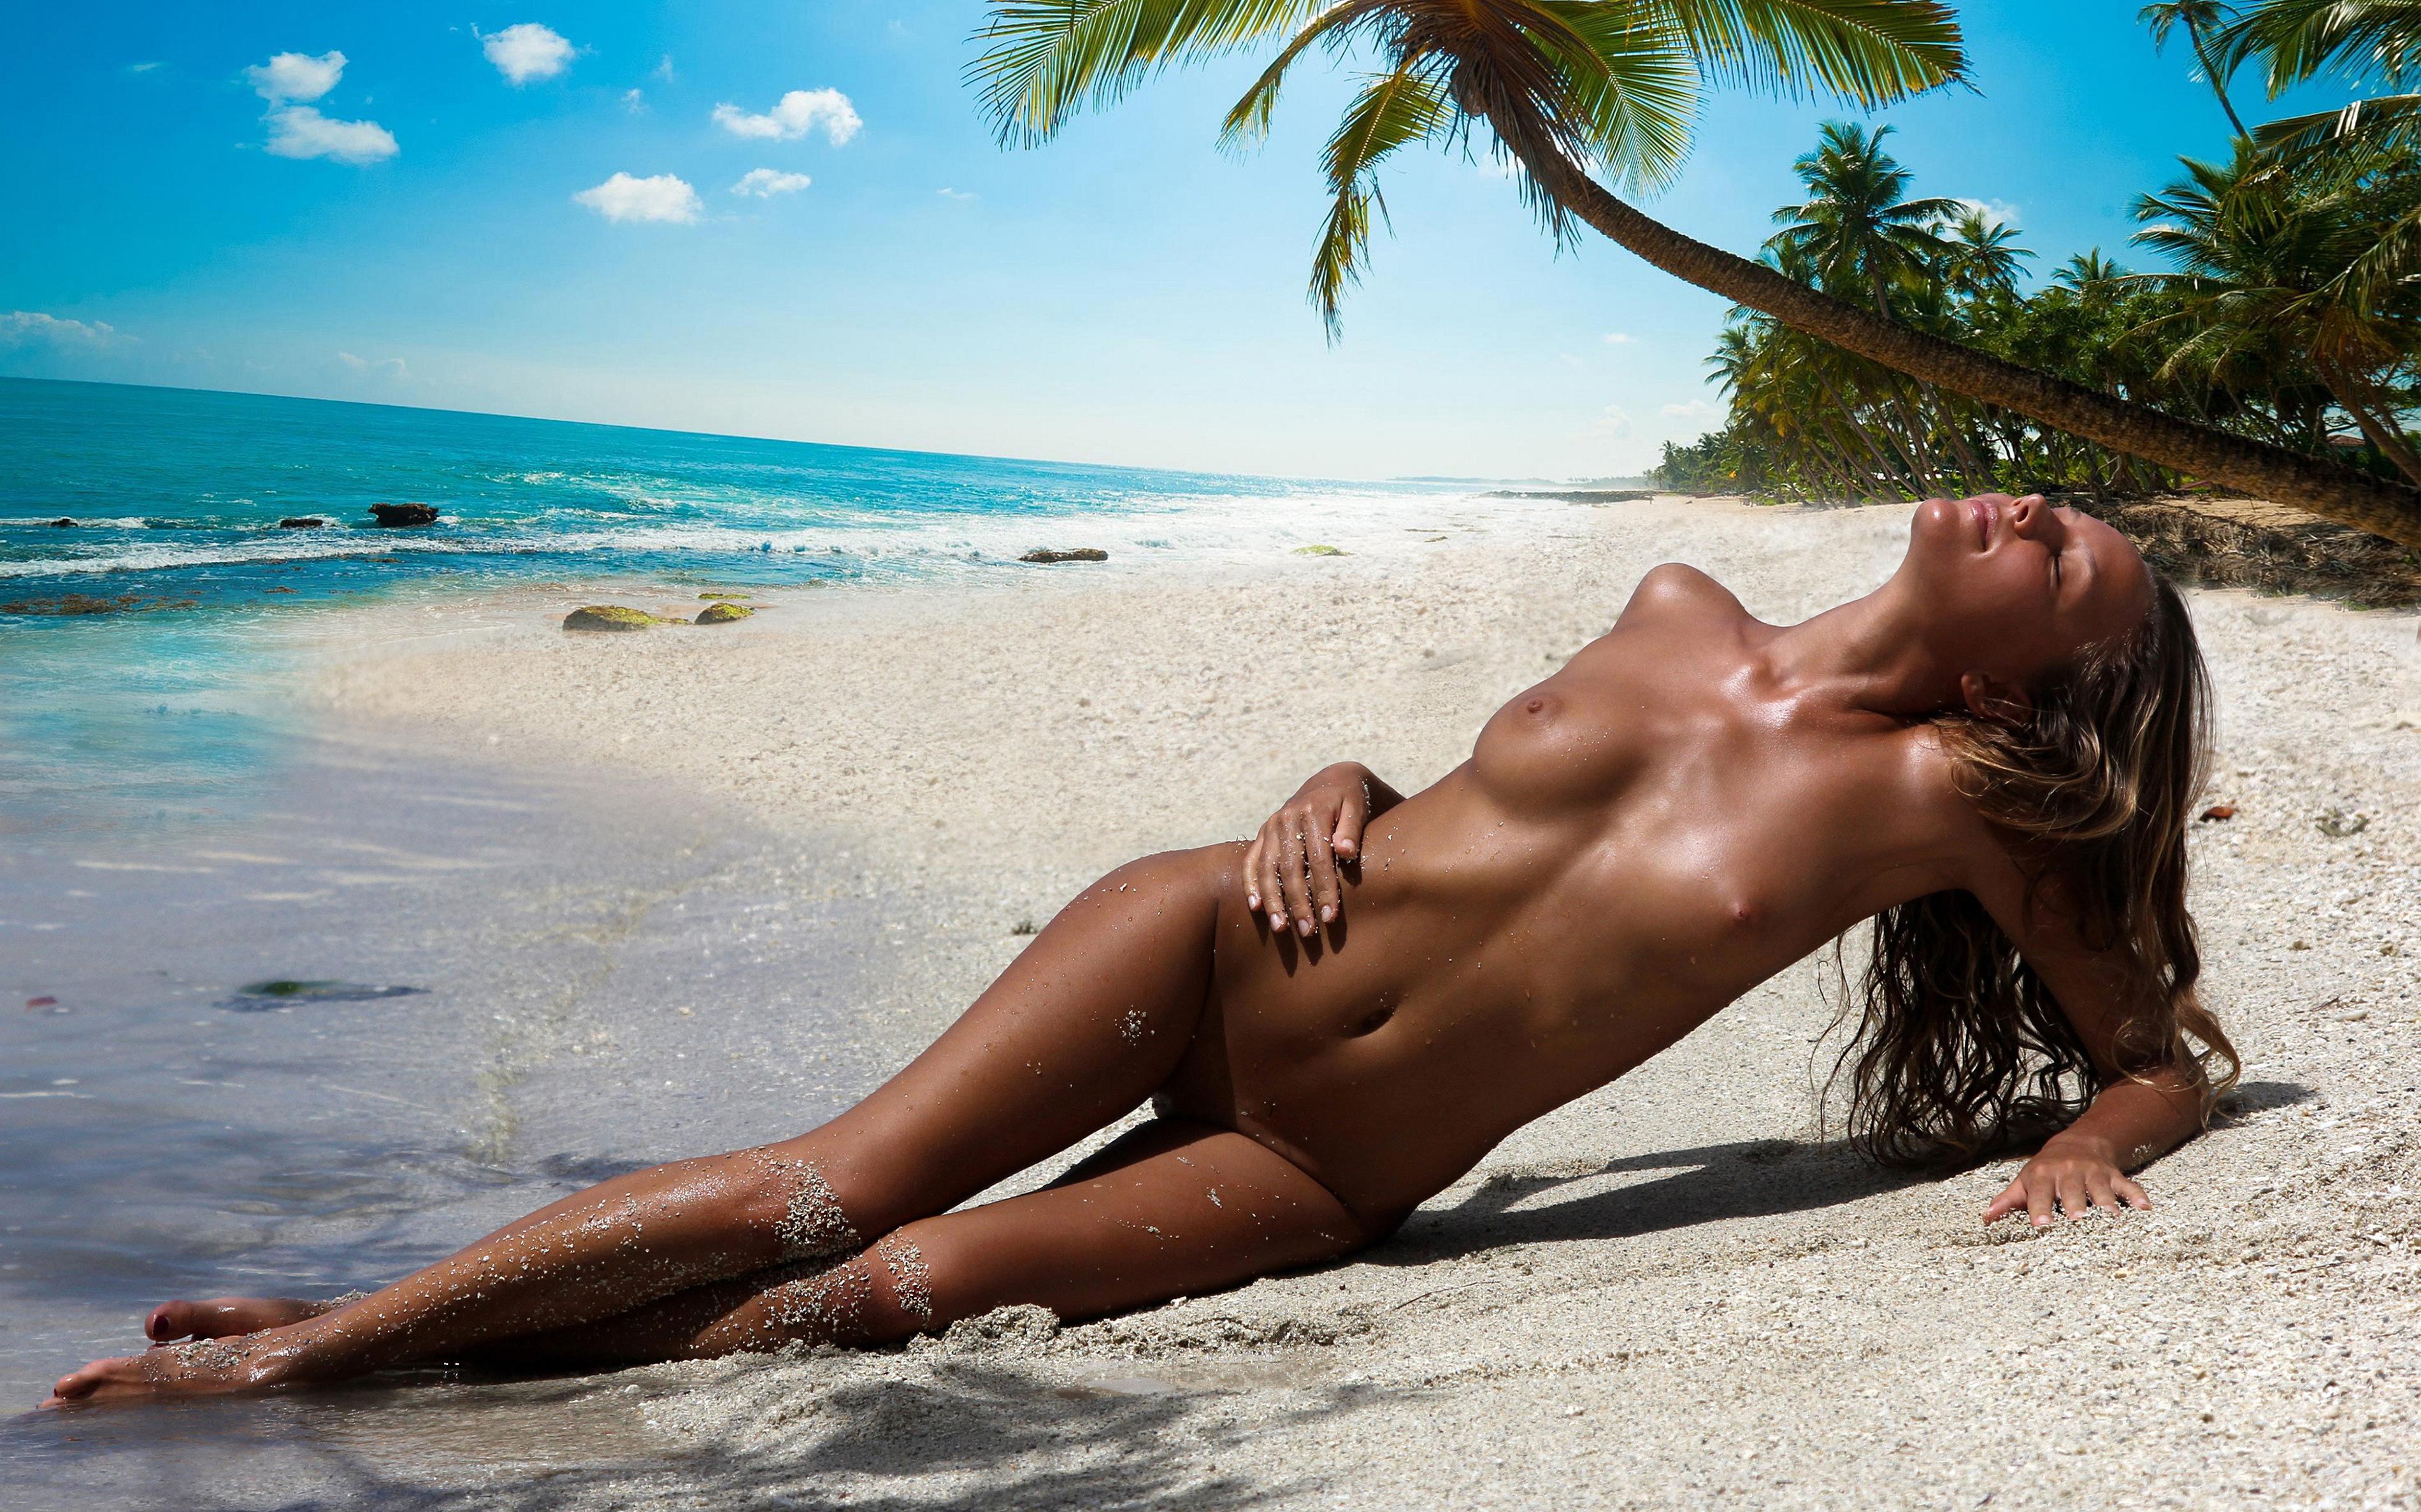 Beach nude teaser